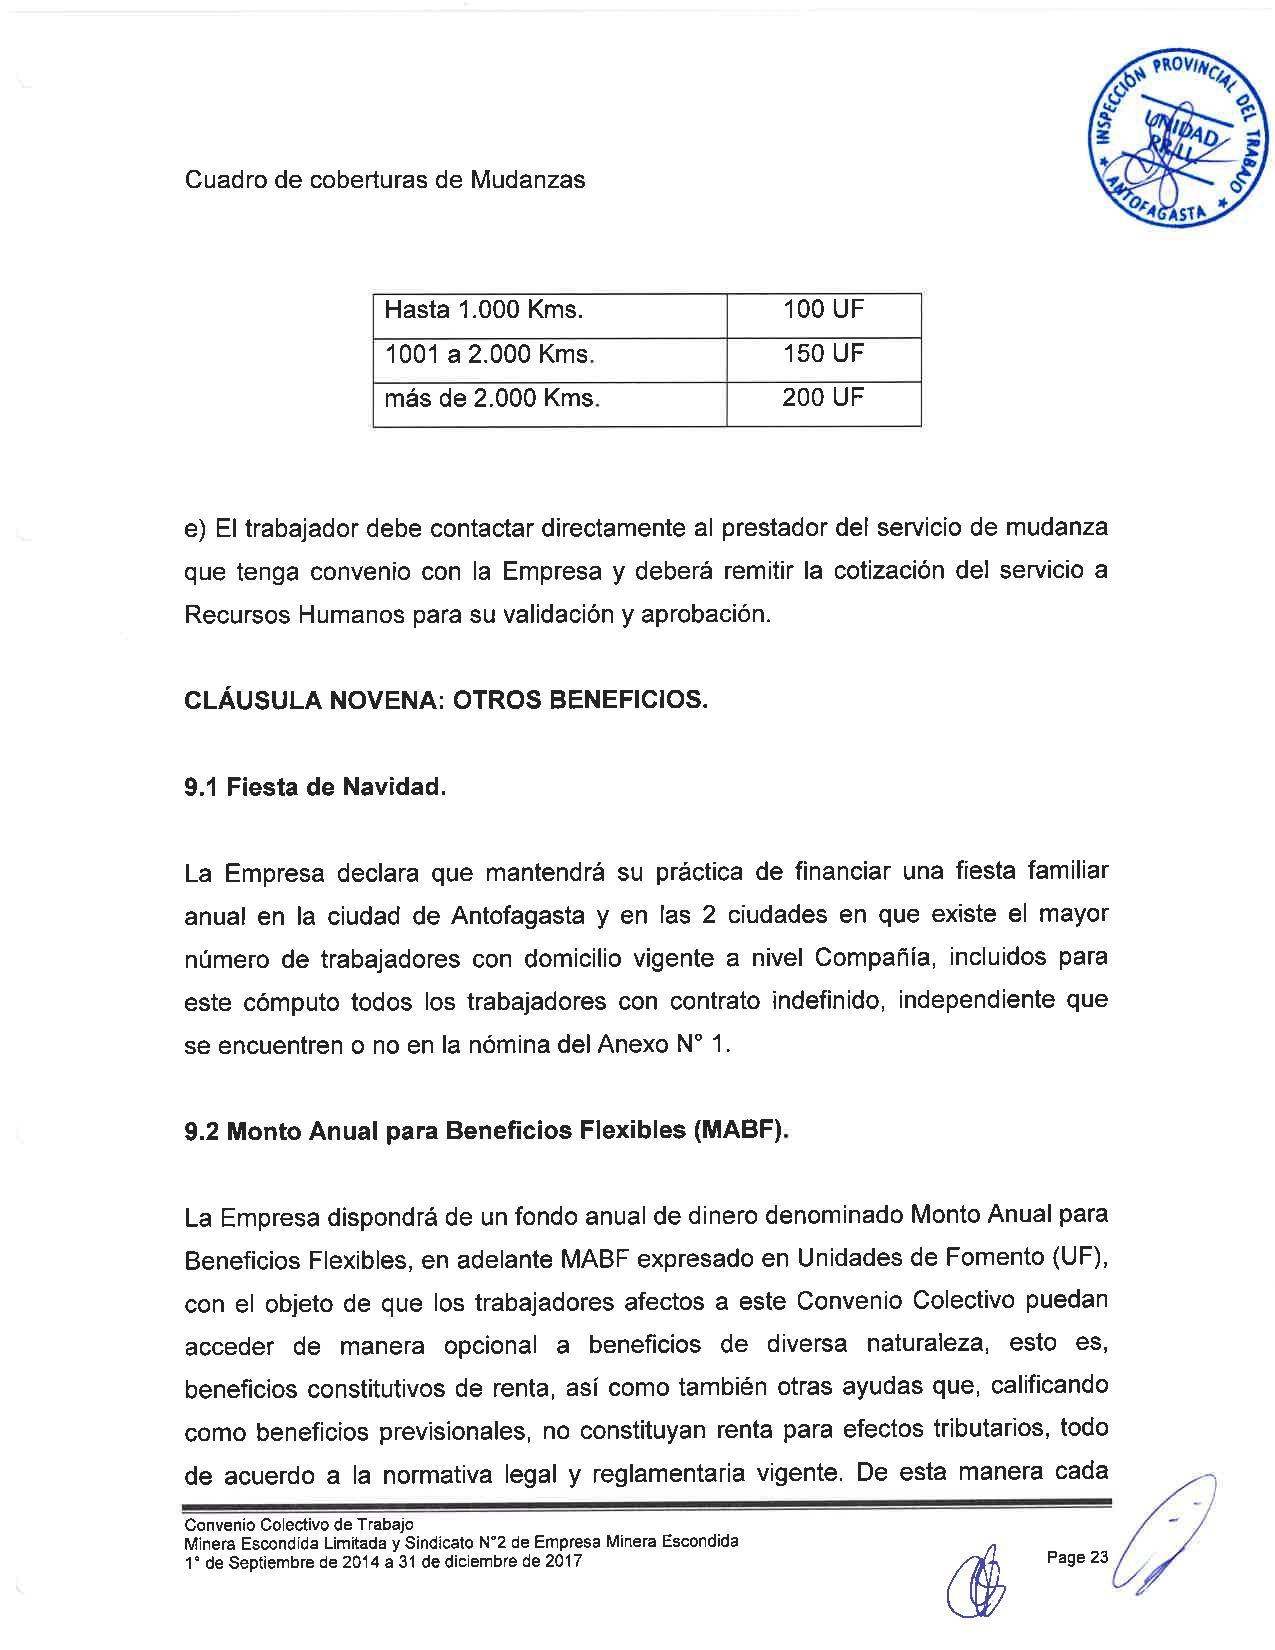 Página (23).jpg